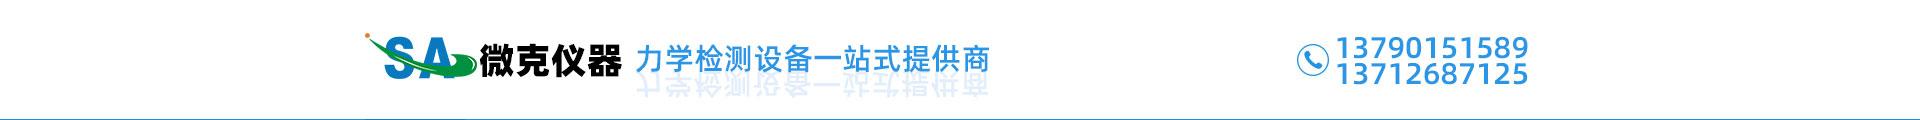 东莞市微克检测设备有限公司